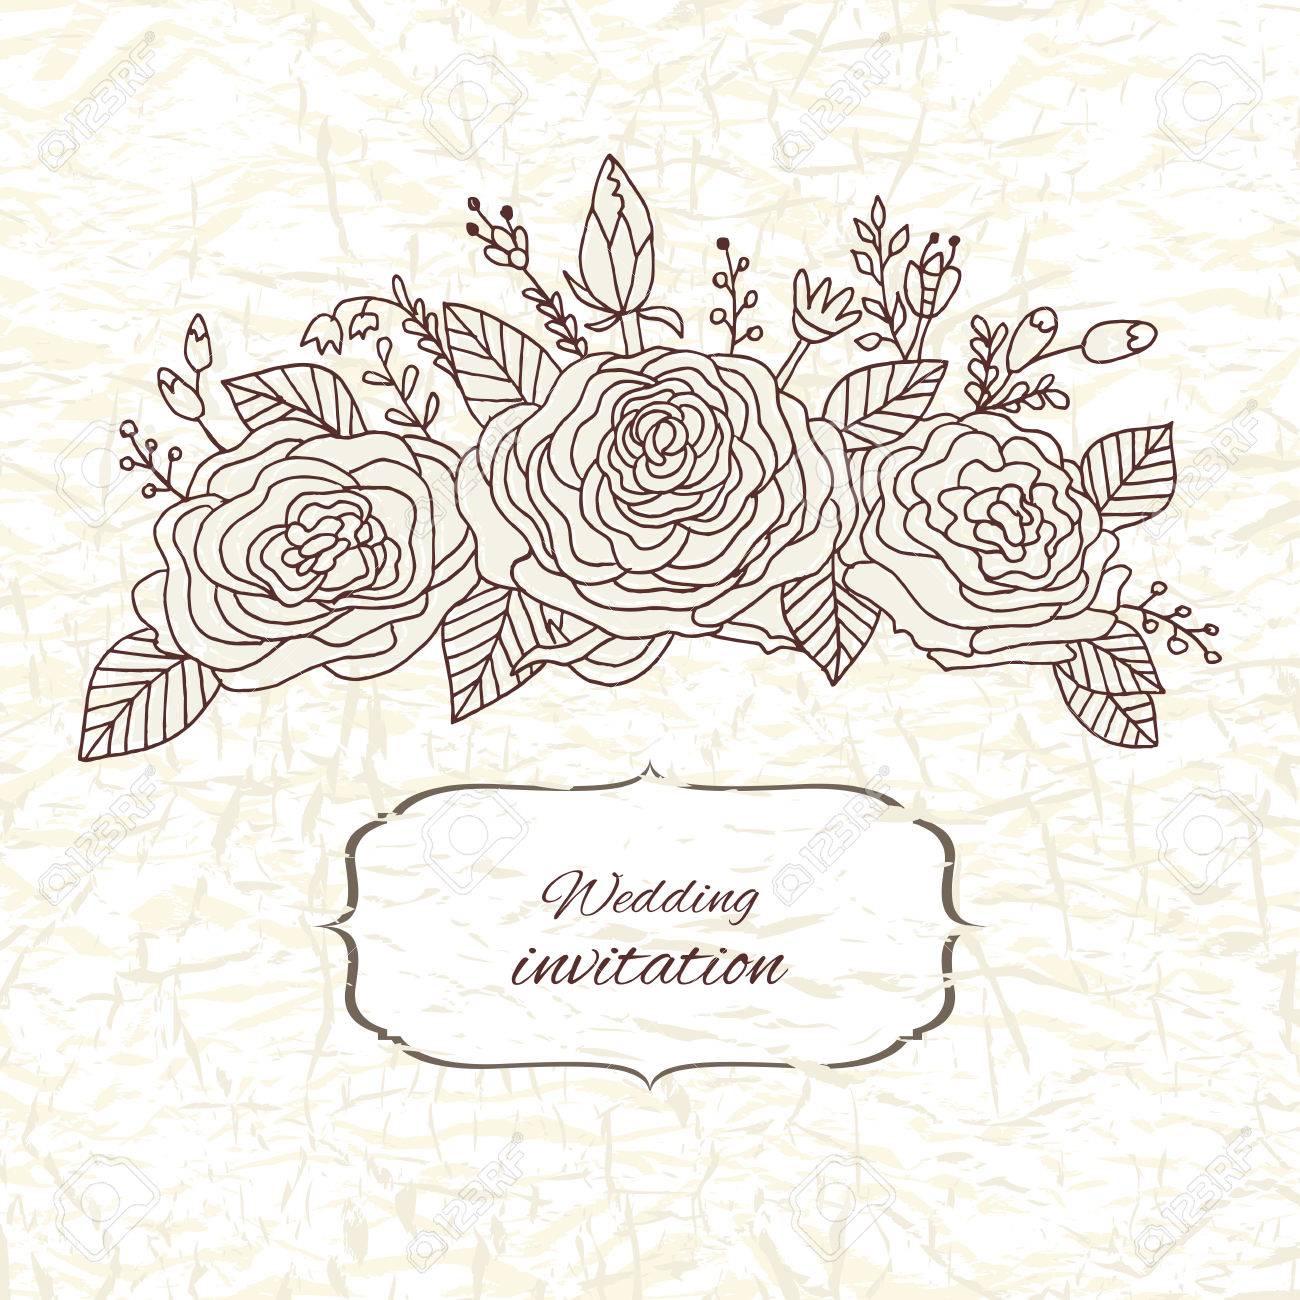 Tarjeta De Invitación De La Boda Del Vector Con Las Rosas Rococó Barroco Vintage Adornado Fondo Floral Ahorre La Fecha Ornamento